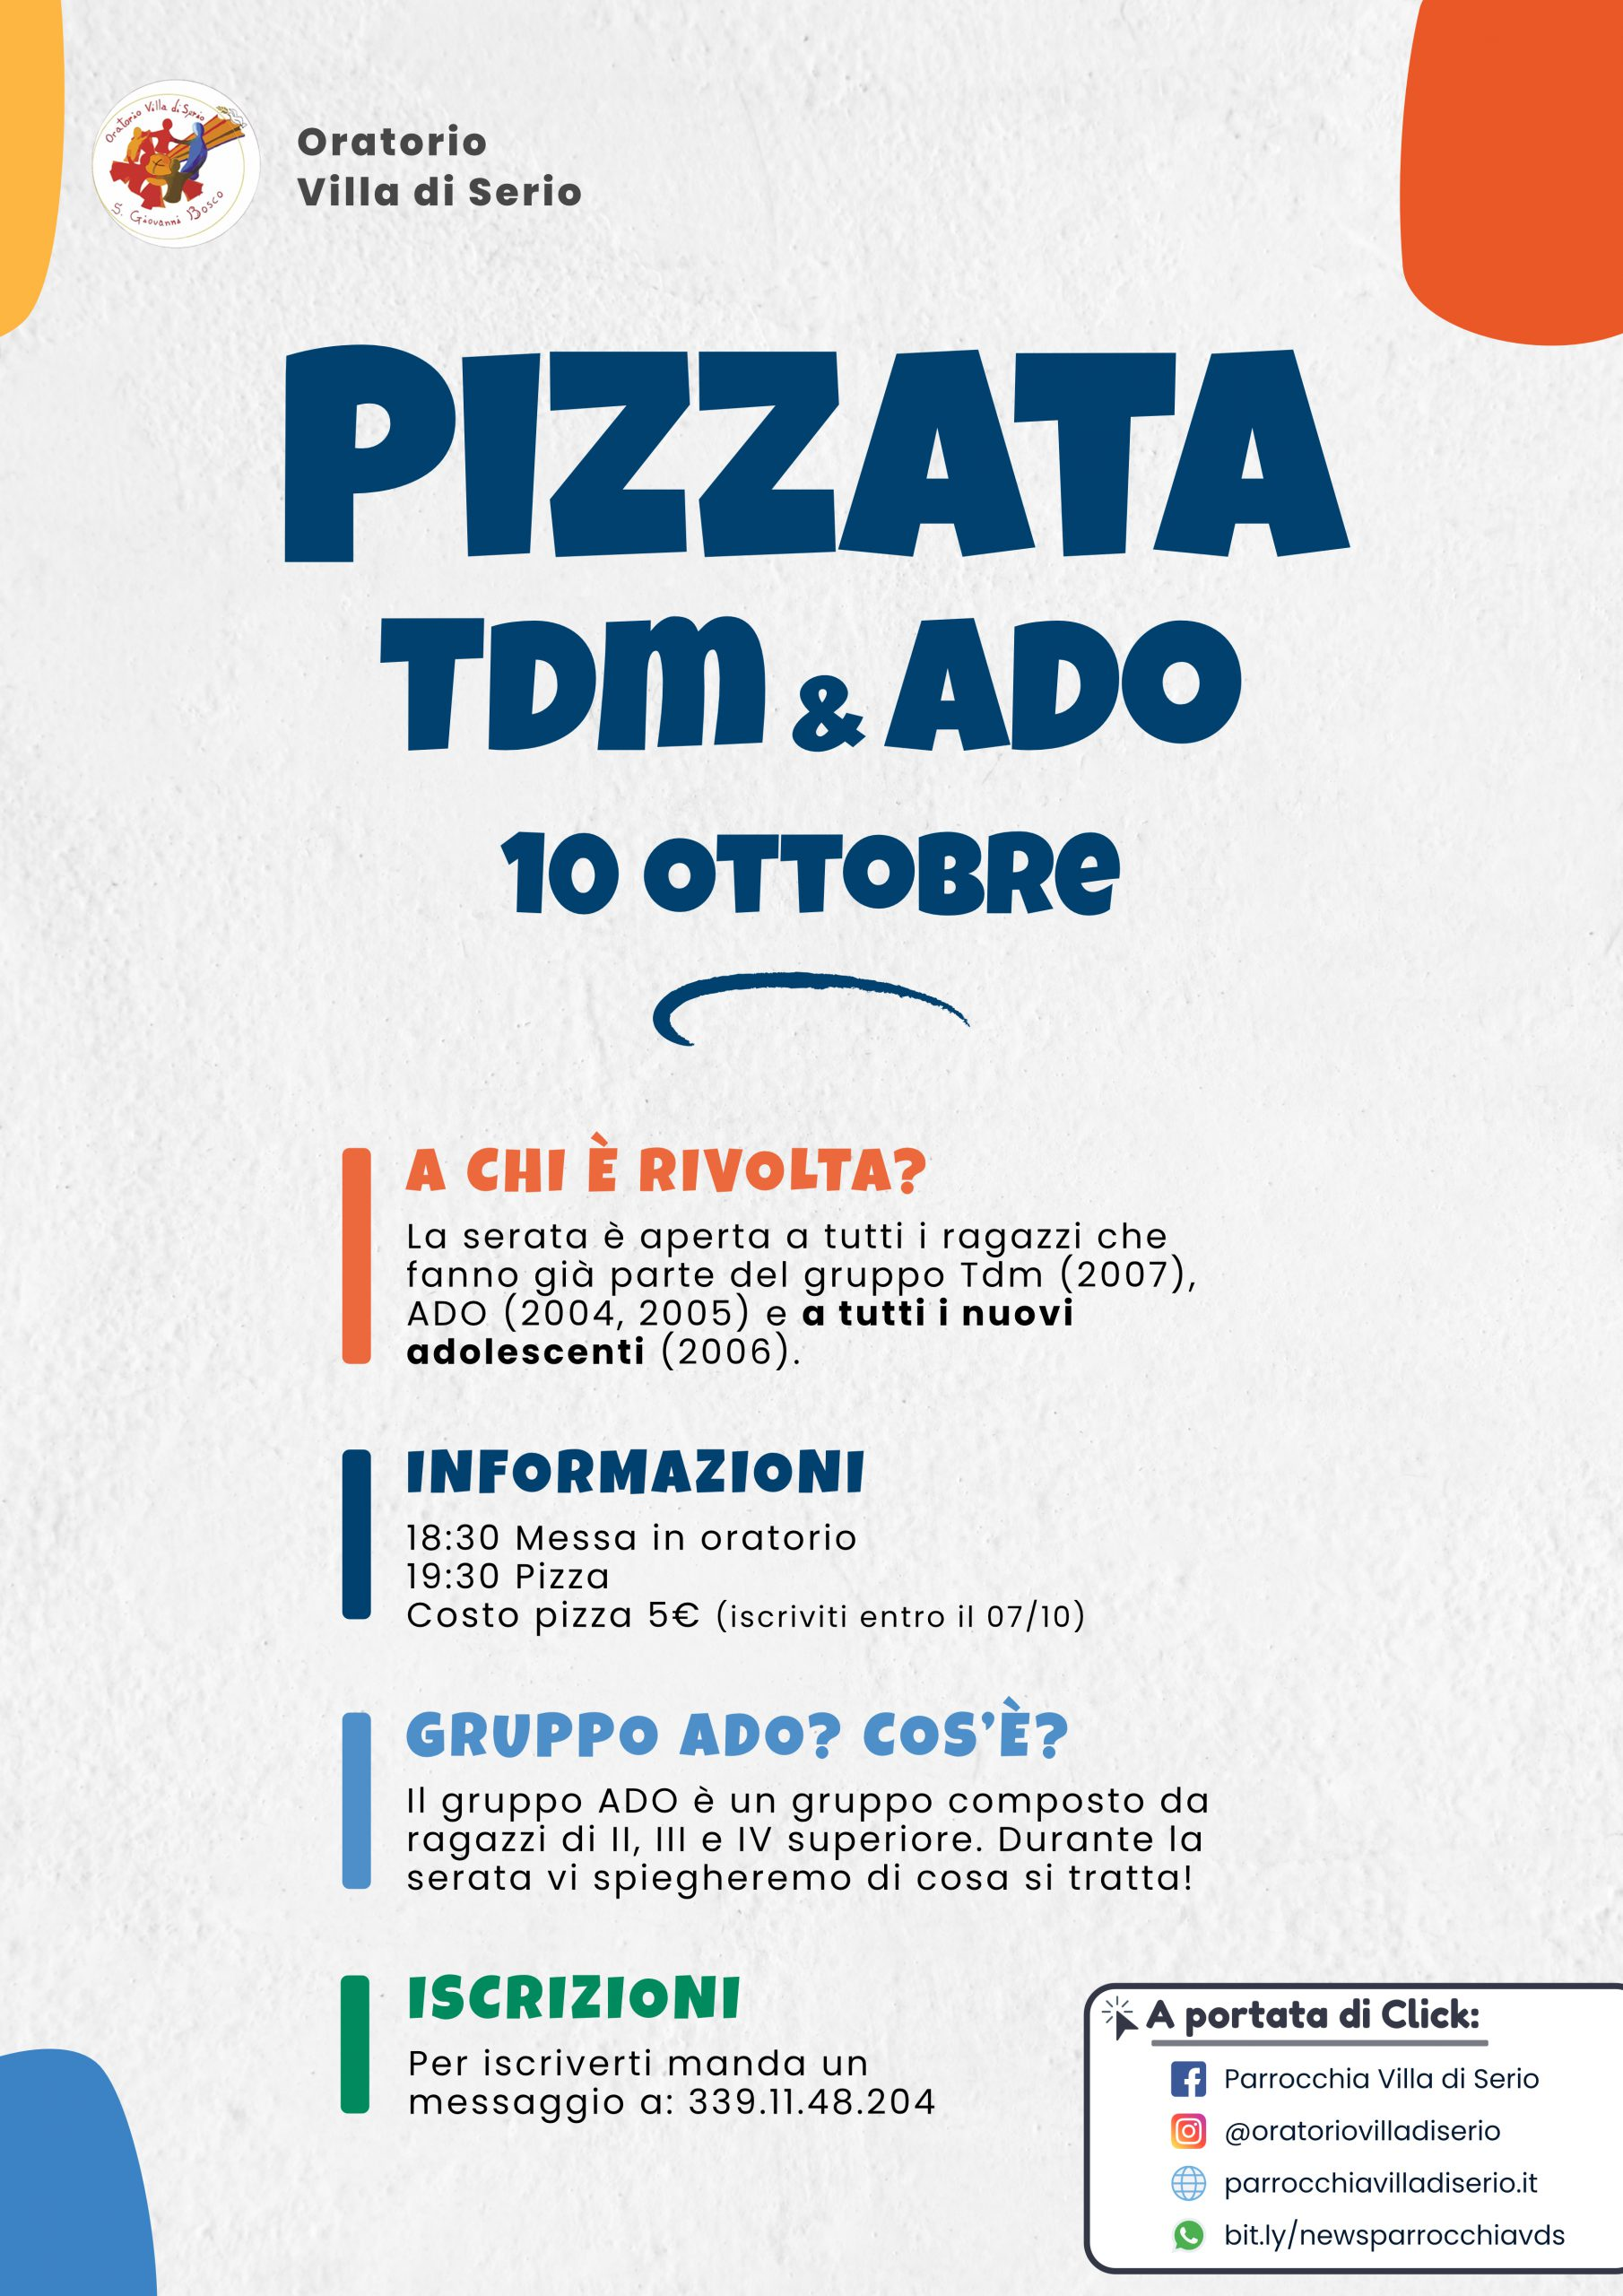 Pizzata ado-tdm 10 ottobre 2021